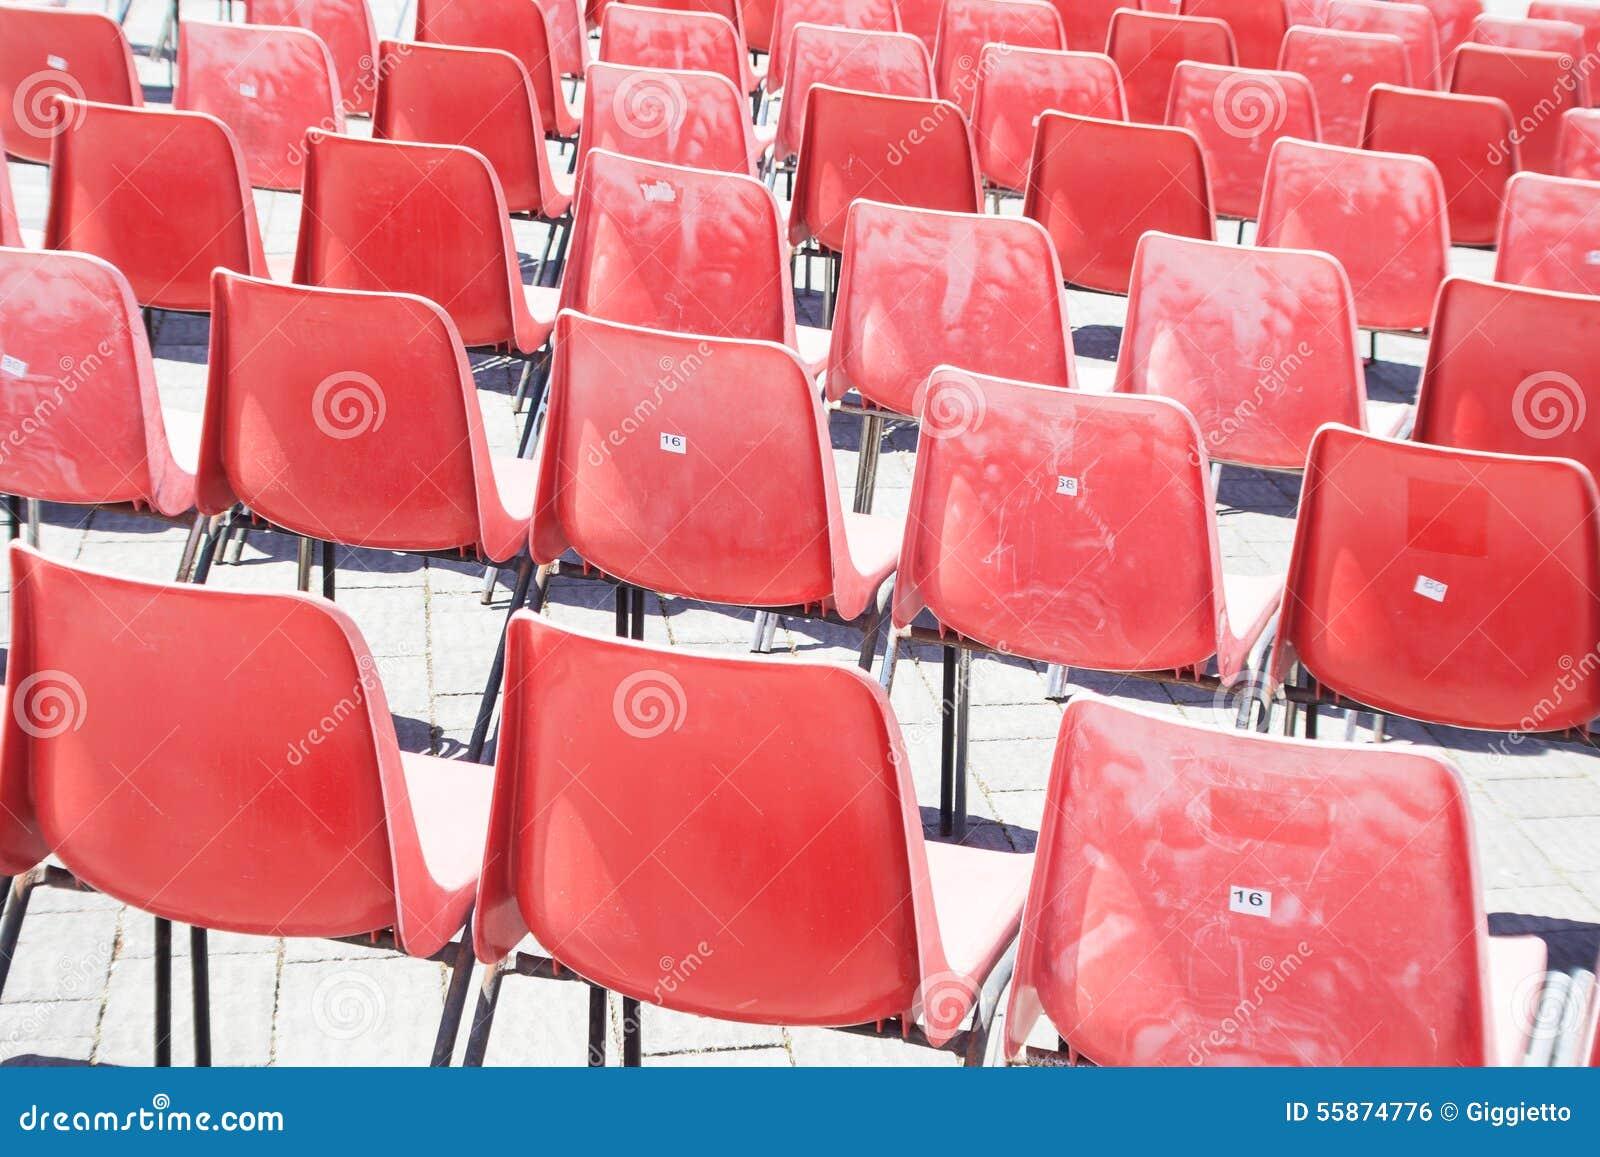 Roter Stuhl Gezeichnet Archivbilder Abgabe Des Download